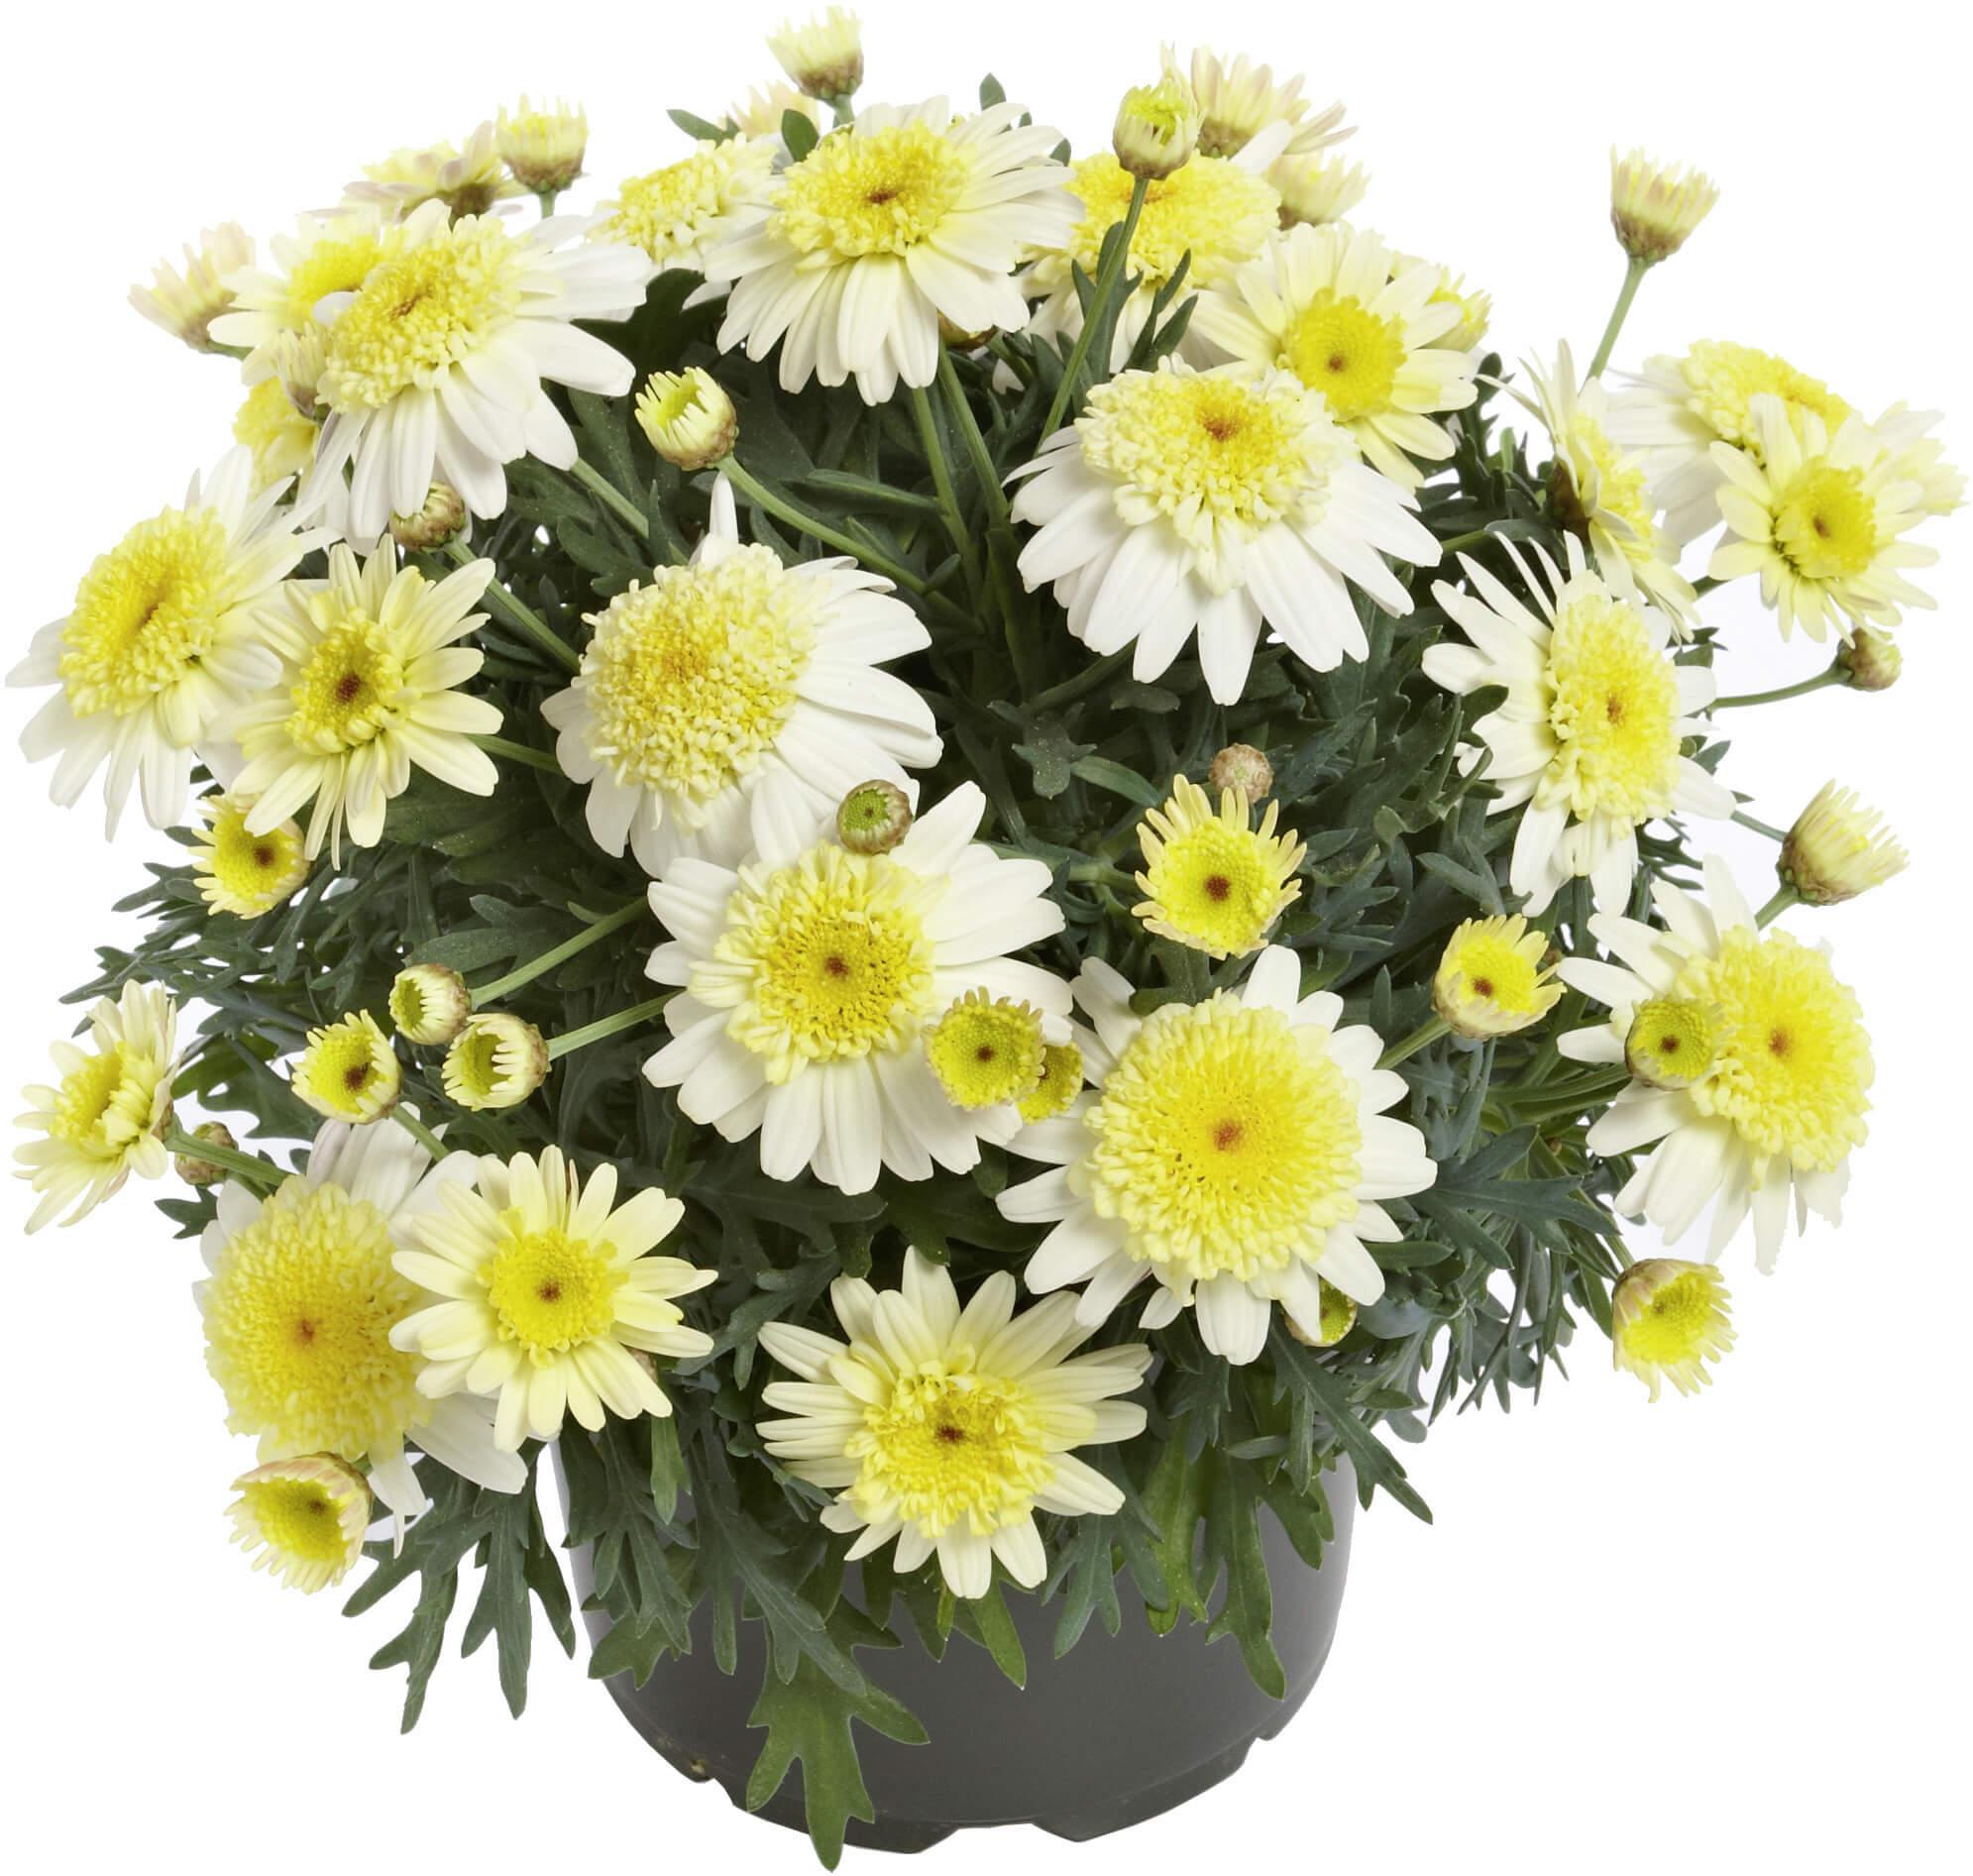 Strauchmargerite (Argyranthemum) 'lemon' gefüllt